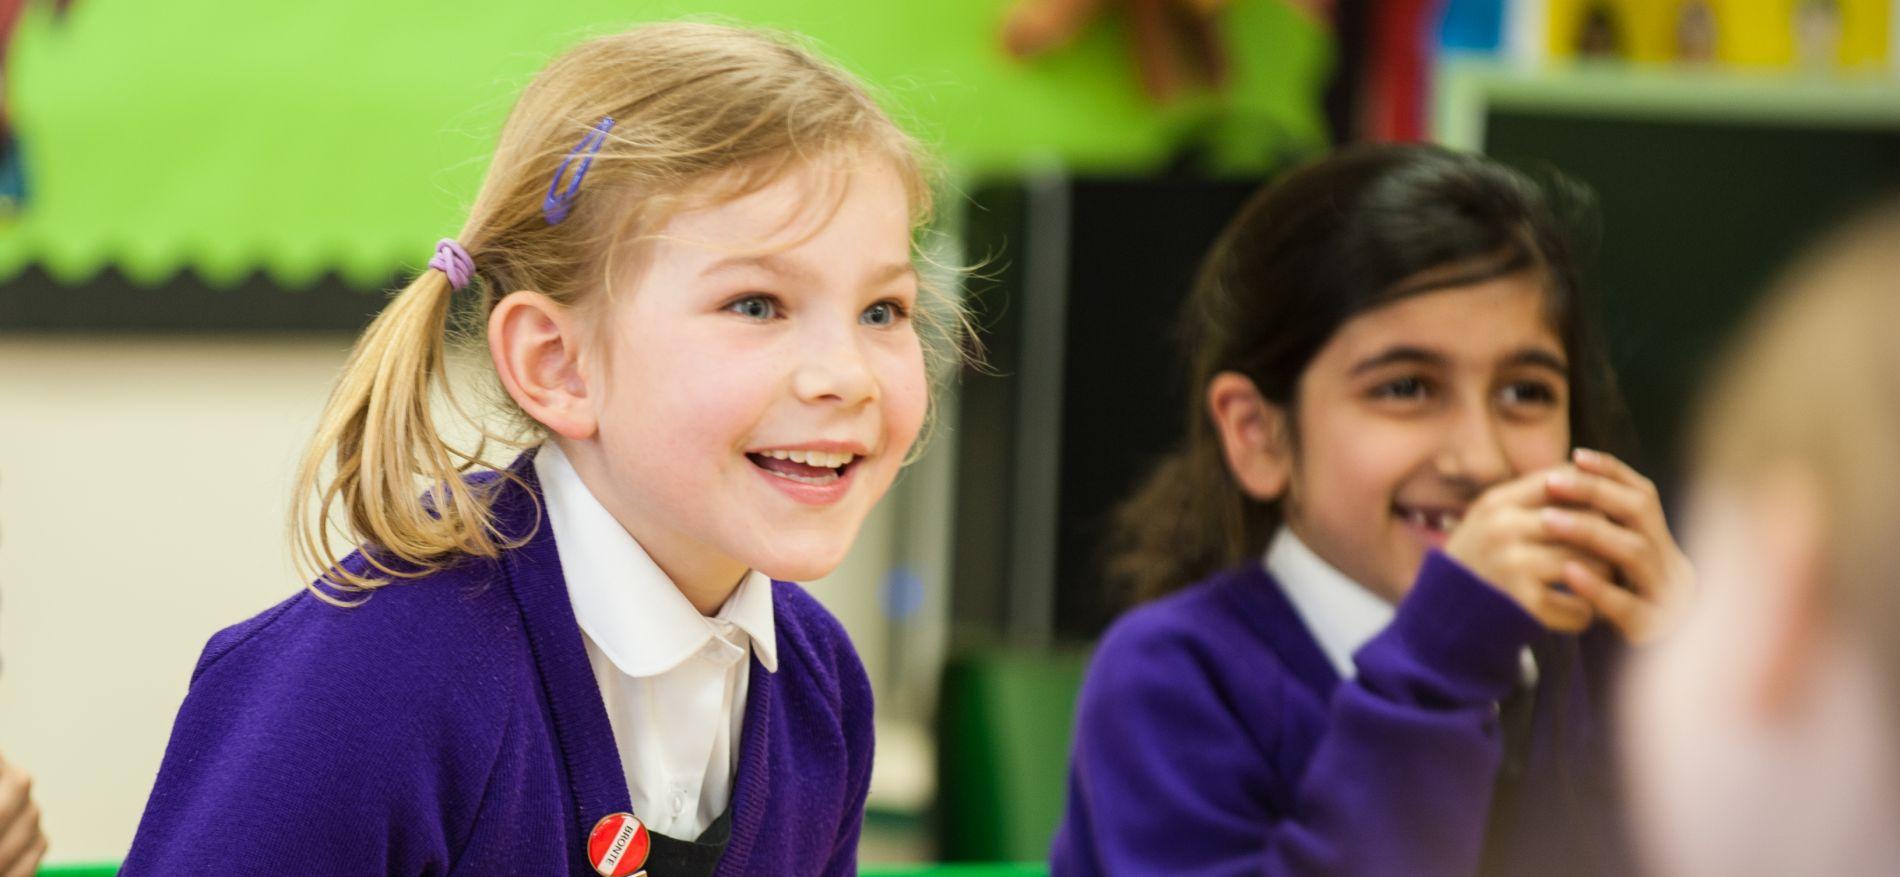 school girls in classroom smiling